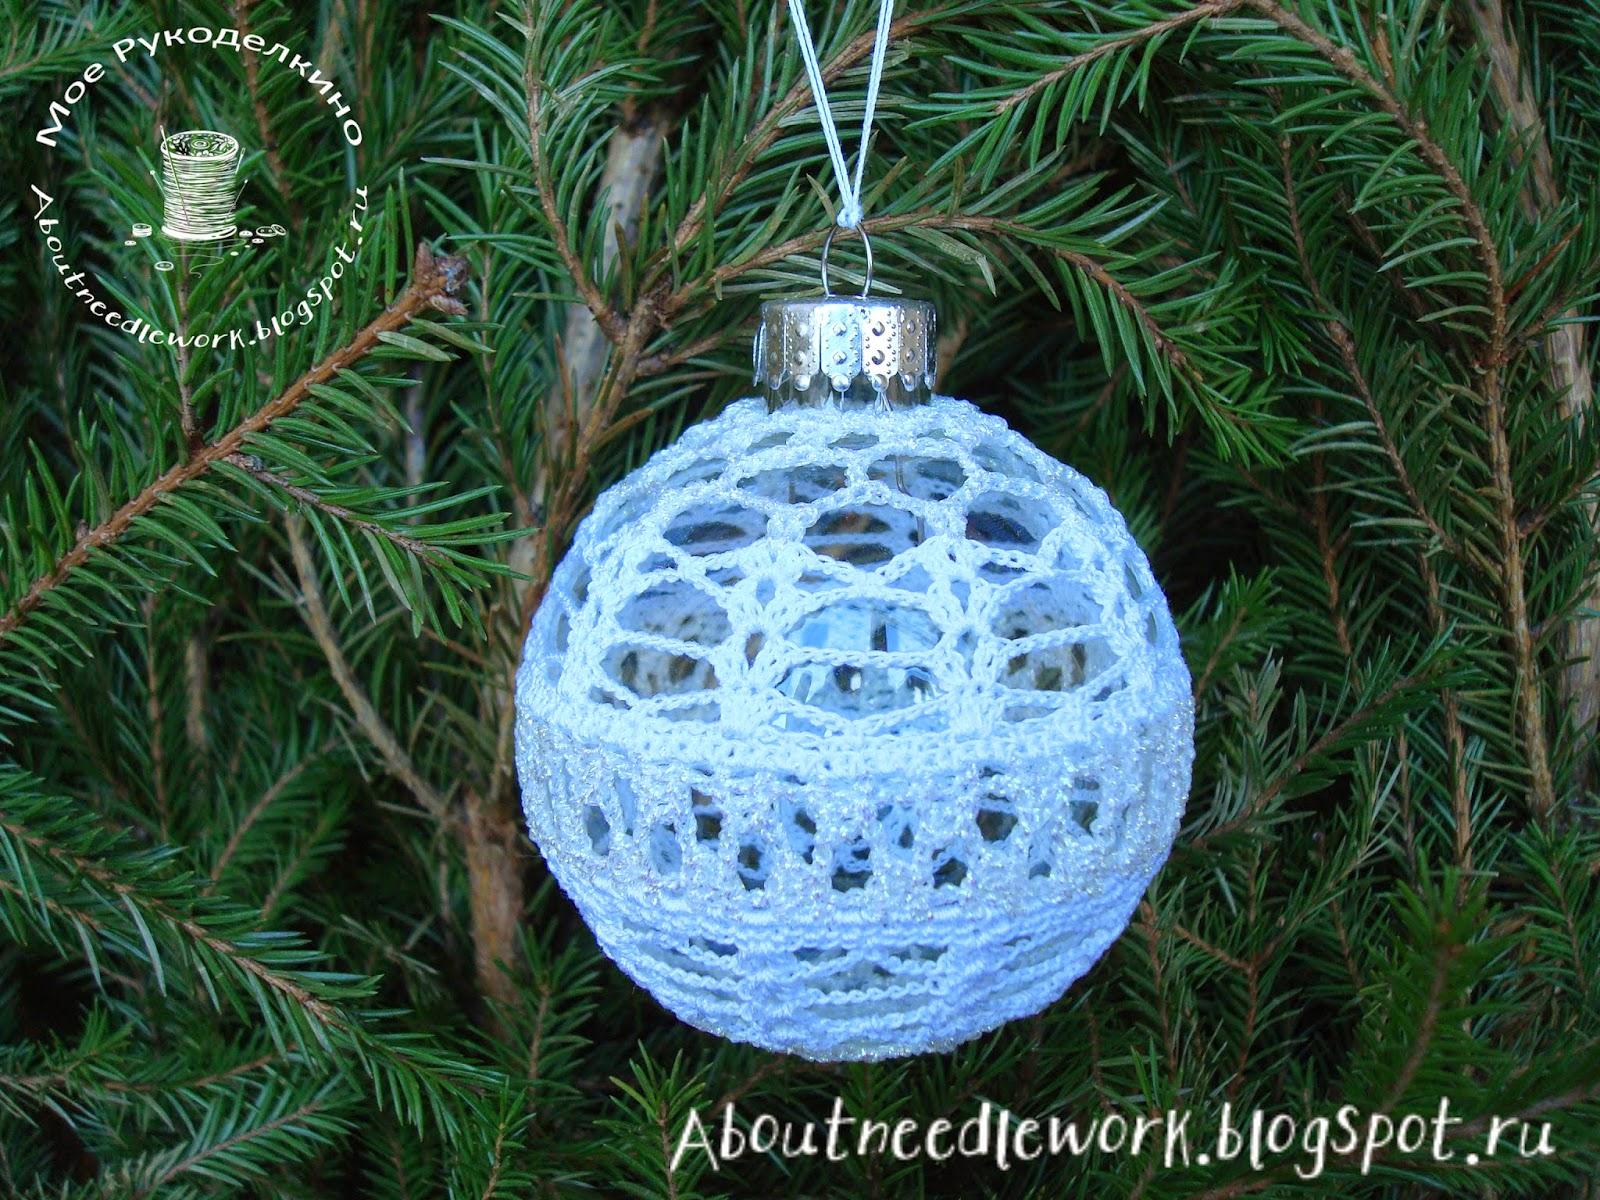 Вязание крючком: новогодний елочный шарик